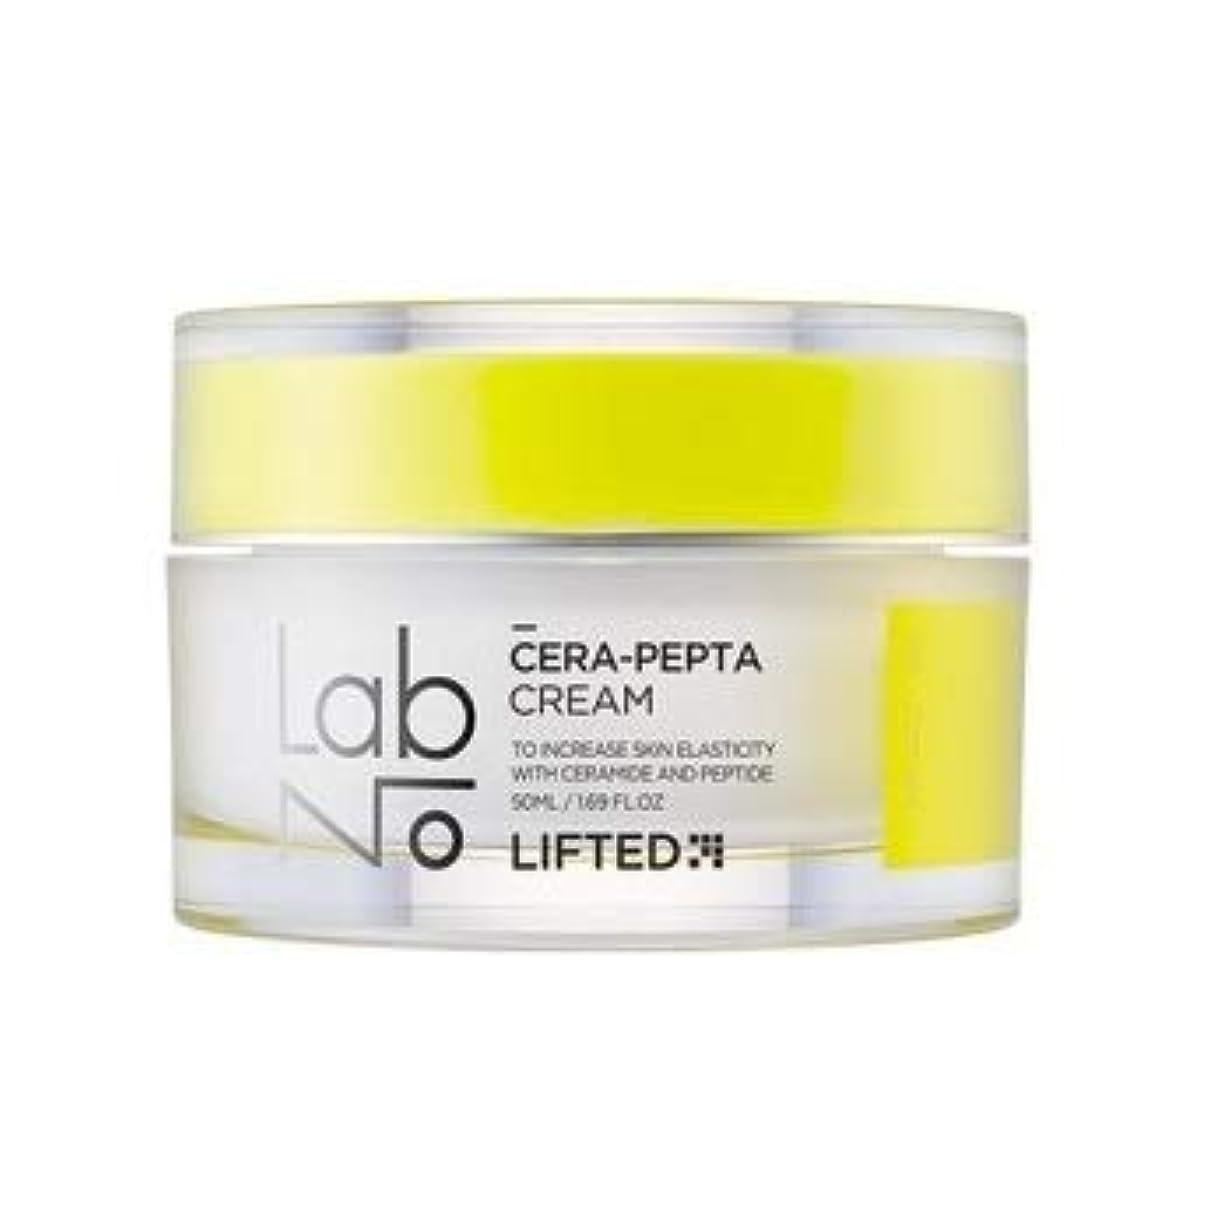 扱いやすい乞食エスカレートLabNo リフテッド セラ-ペプタ クリーム / Lifted Sera-Pepta Cream (50ml) [並行輸入品]